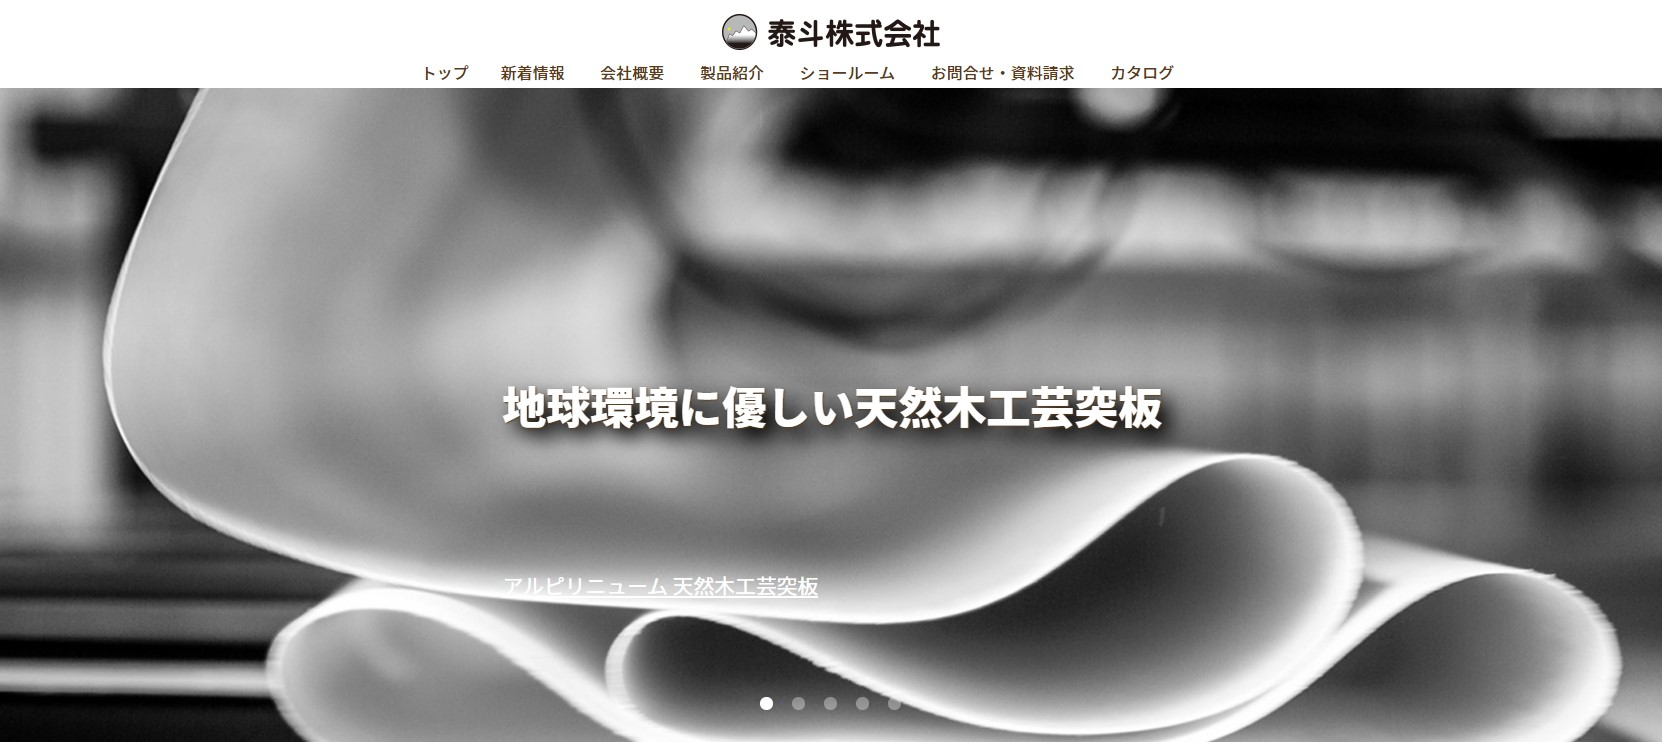 泰斗株式会社